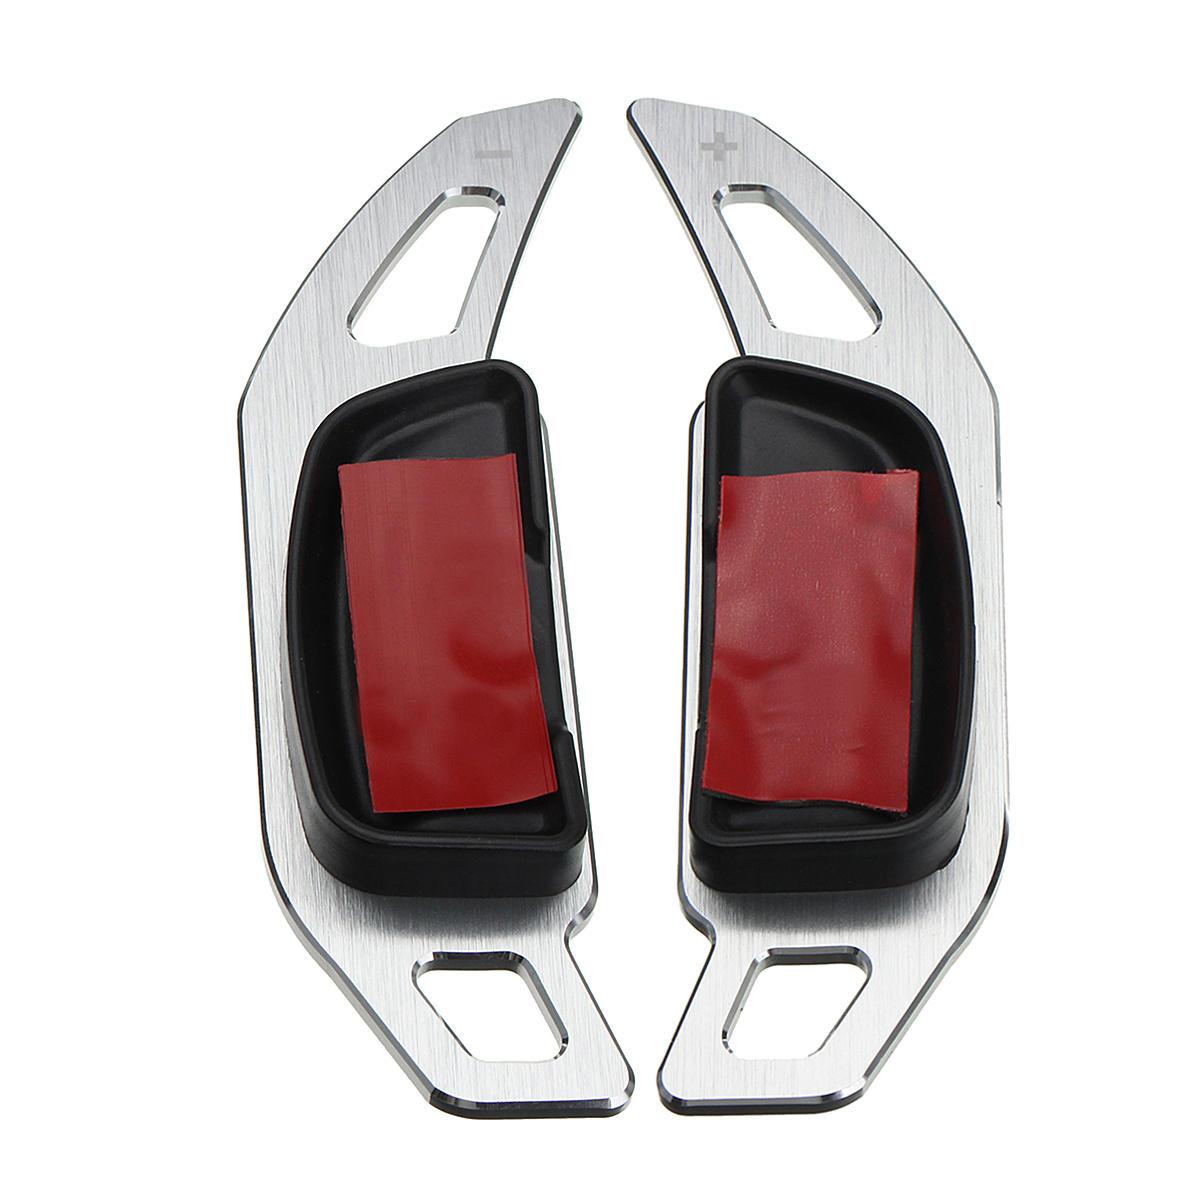 2 piezas Coche extensión universal de palanca de cambios A / B para Benz C Class W204 C180L C200L C260L 2008-2013